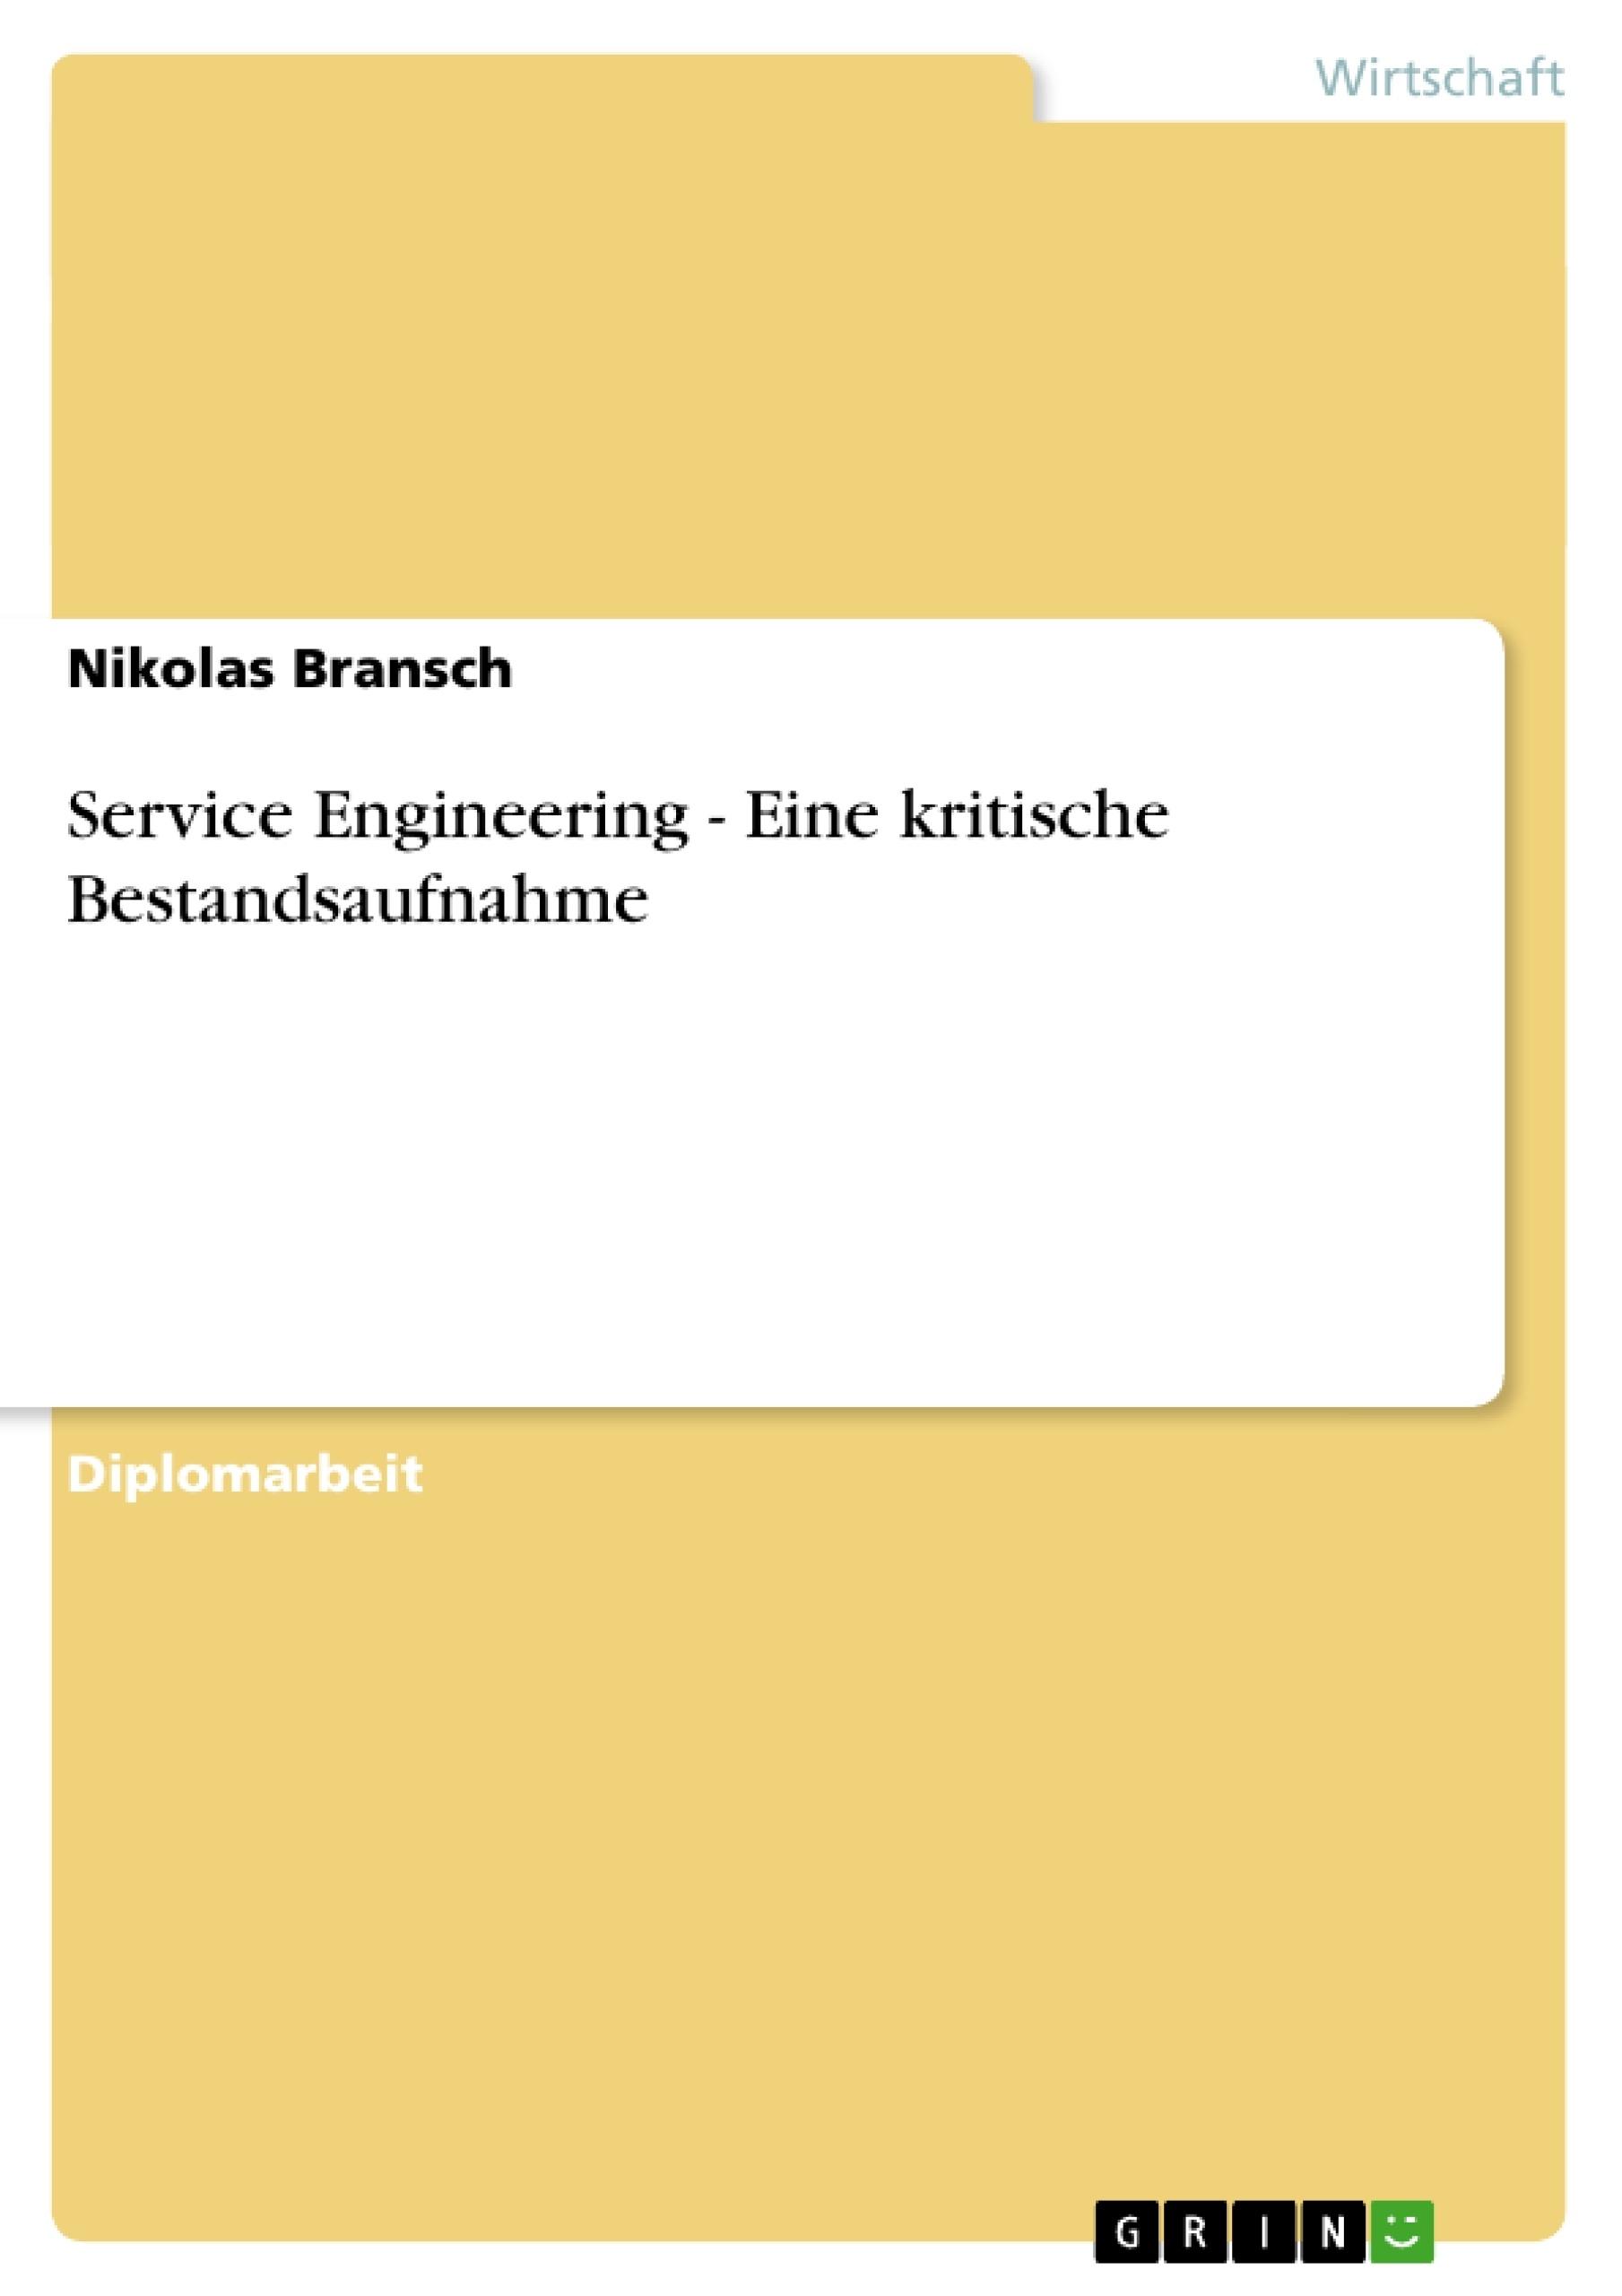 Titel: Service Engineering - Eine kritische Bestandsaufnahme